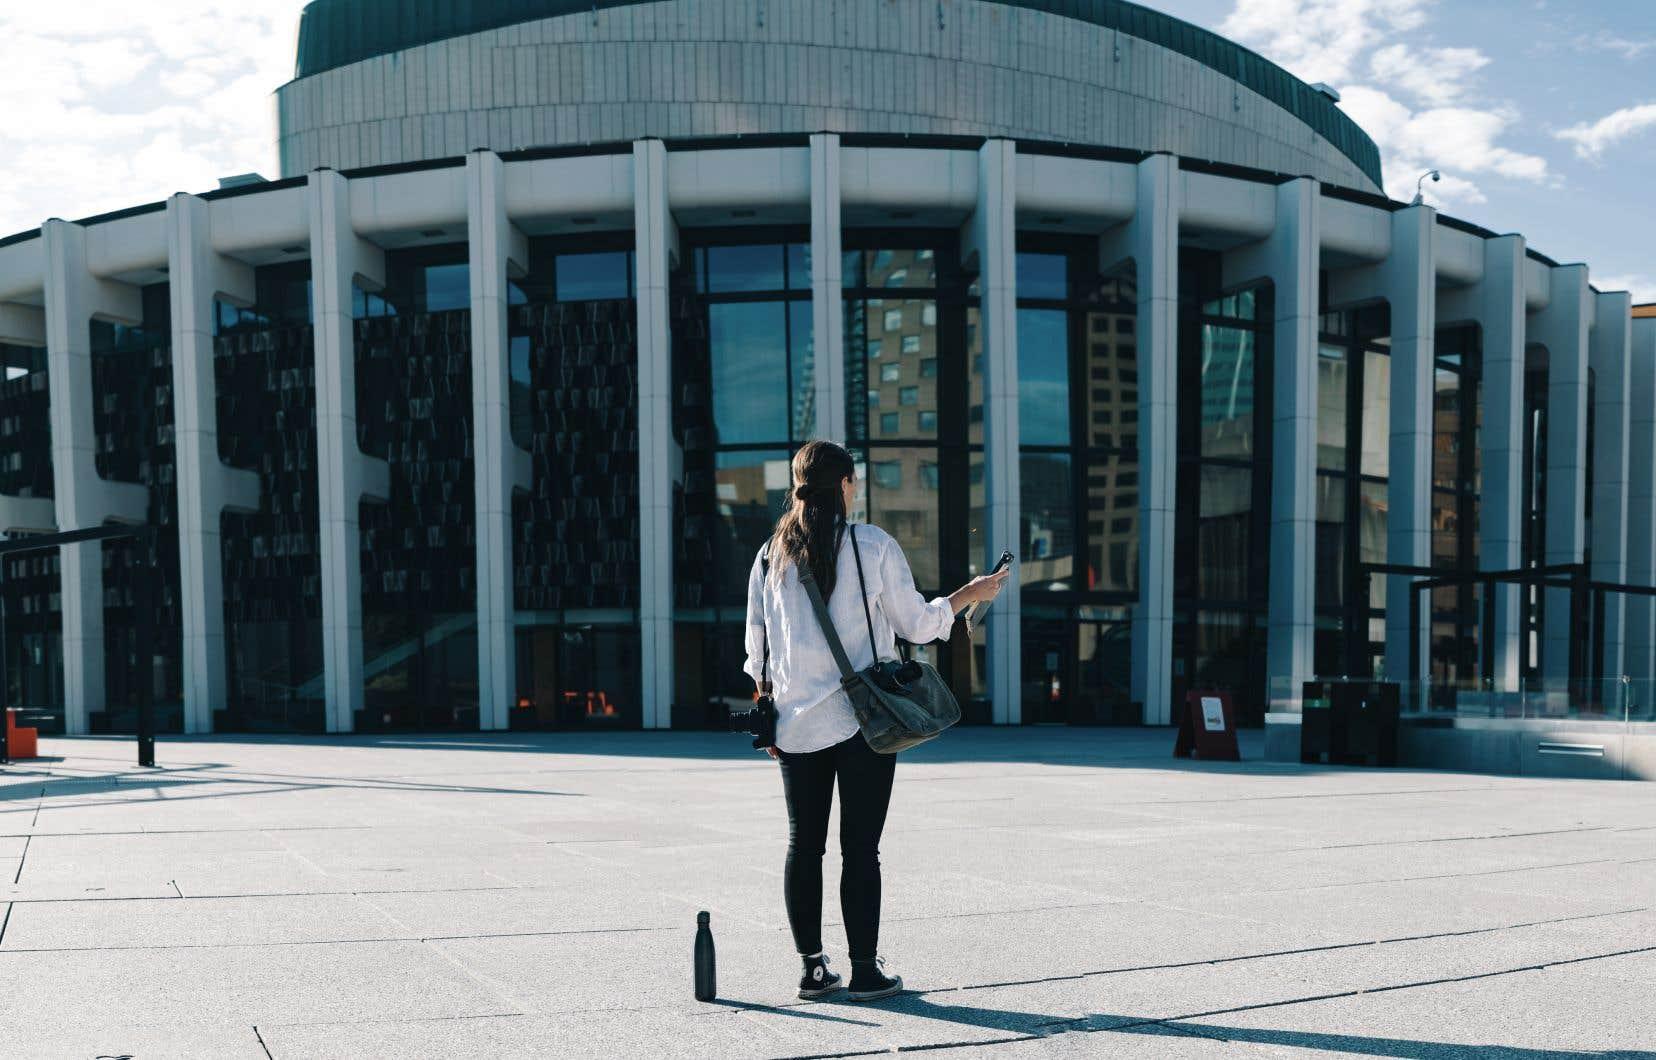 La Place des arts doit connaître sa saison la plus calme de son histoire.